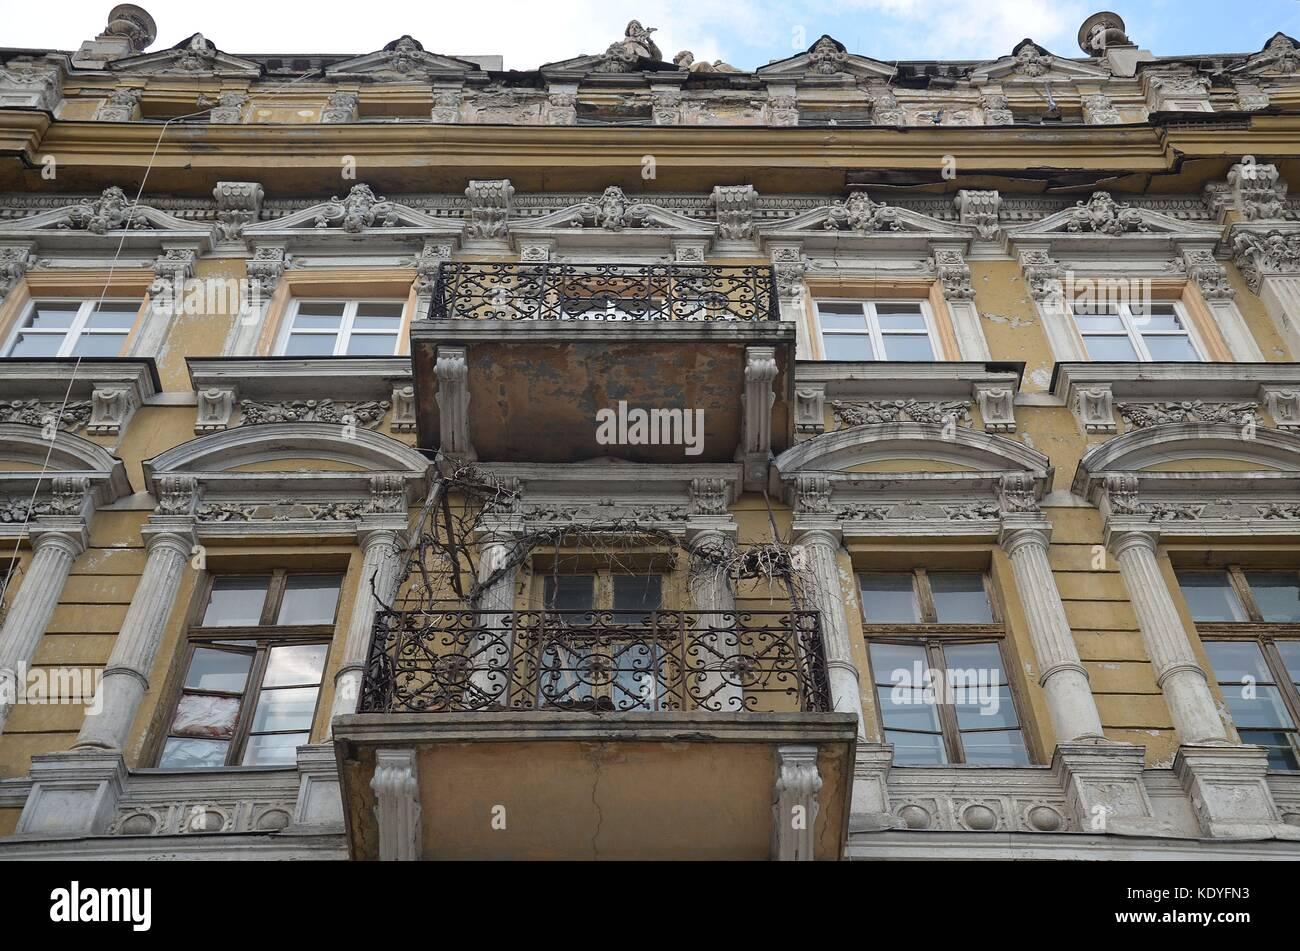 In der Innenstadt von Odessa, Ukraine - Stock Image